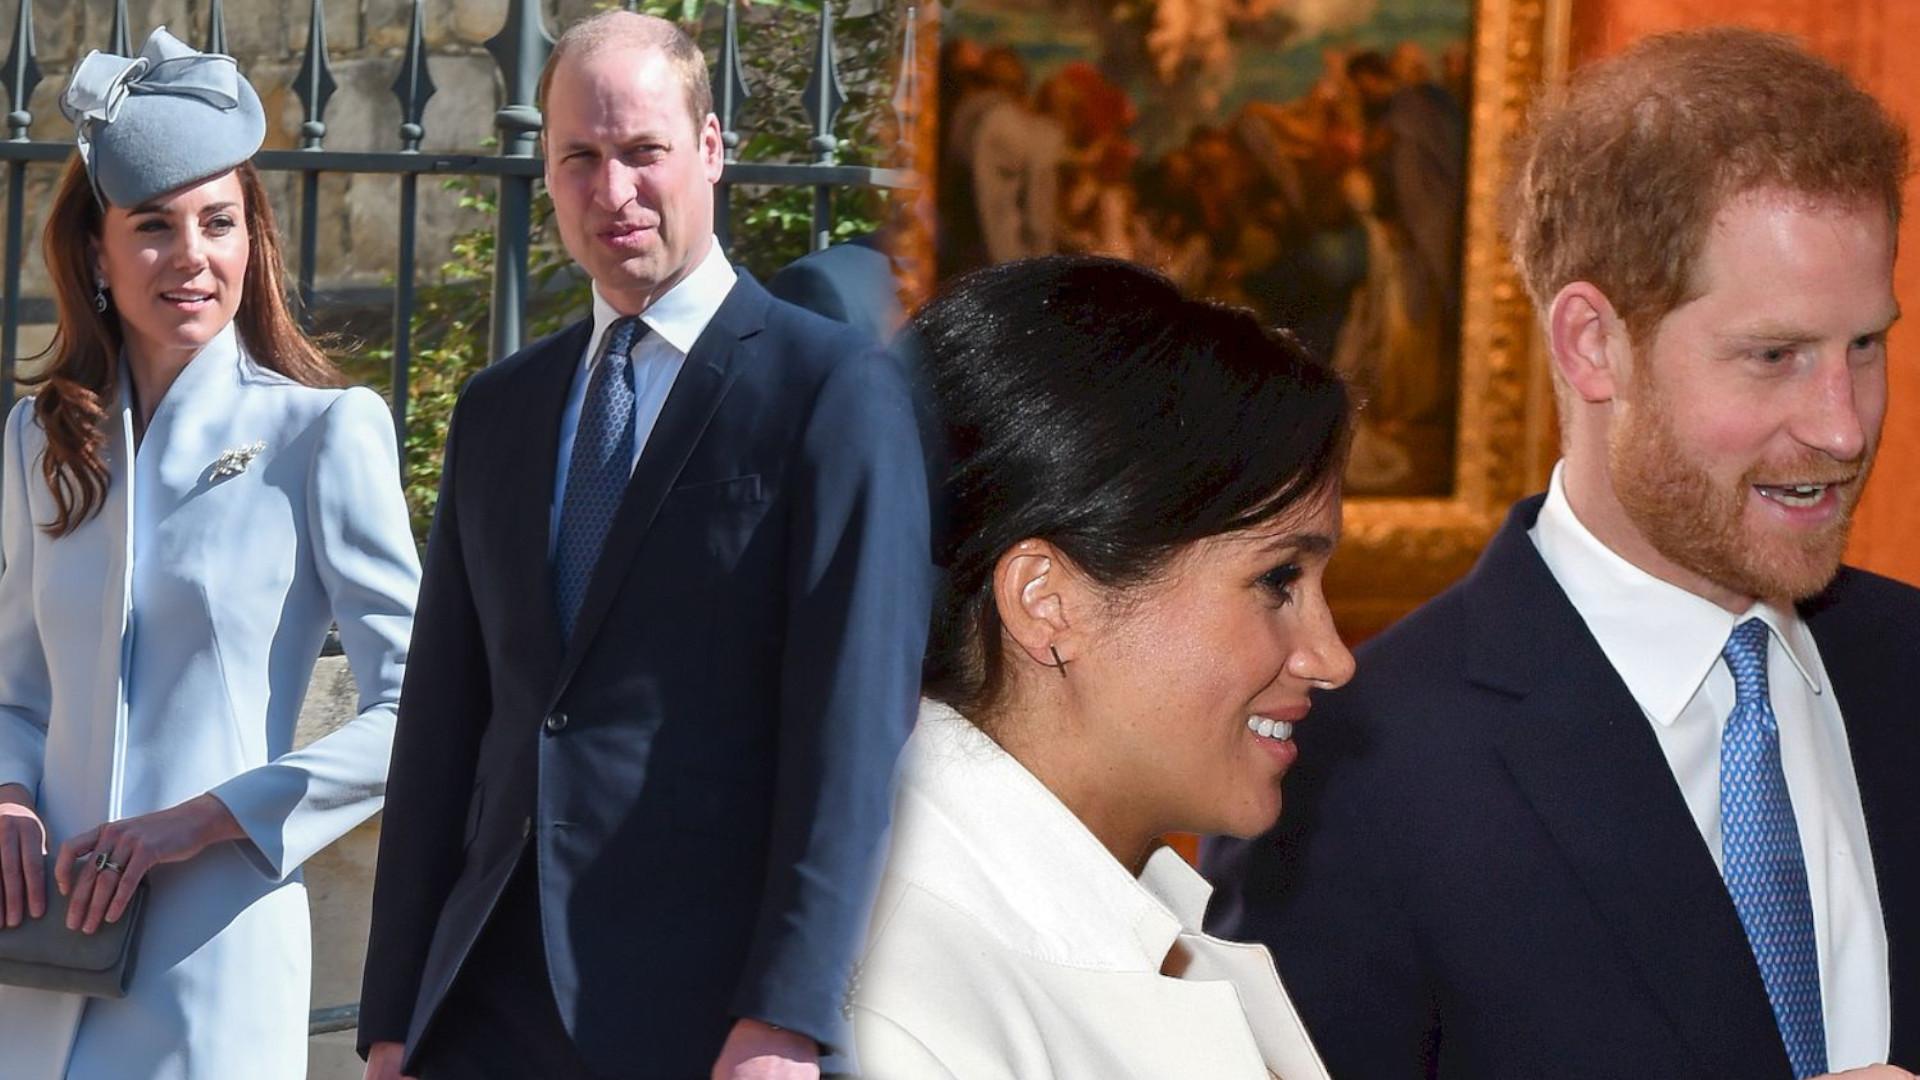 Potwierdziły się najgorsze obawy. Ostateczny rozłam pomiędzy parą książęcą Sussex i Cambridge